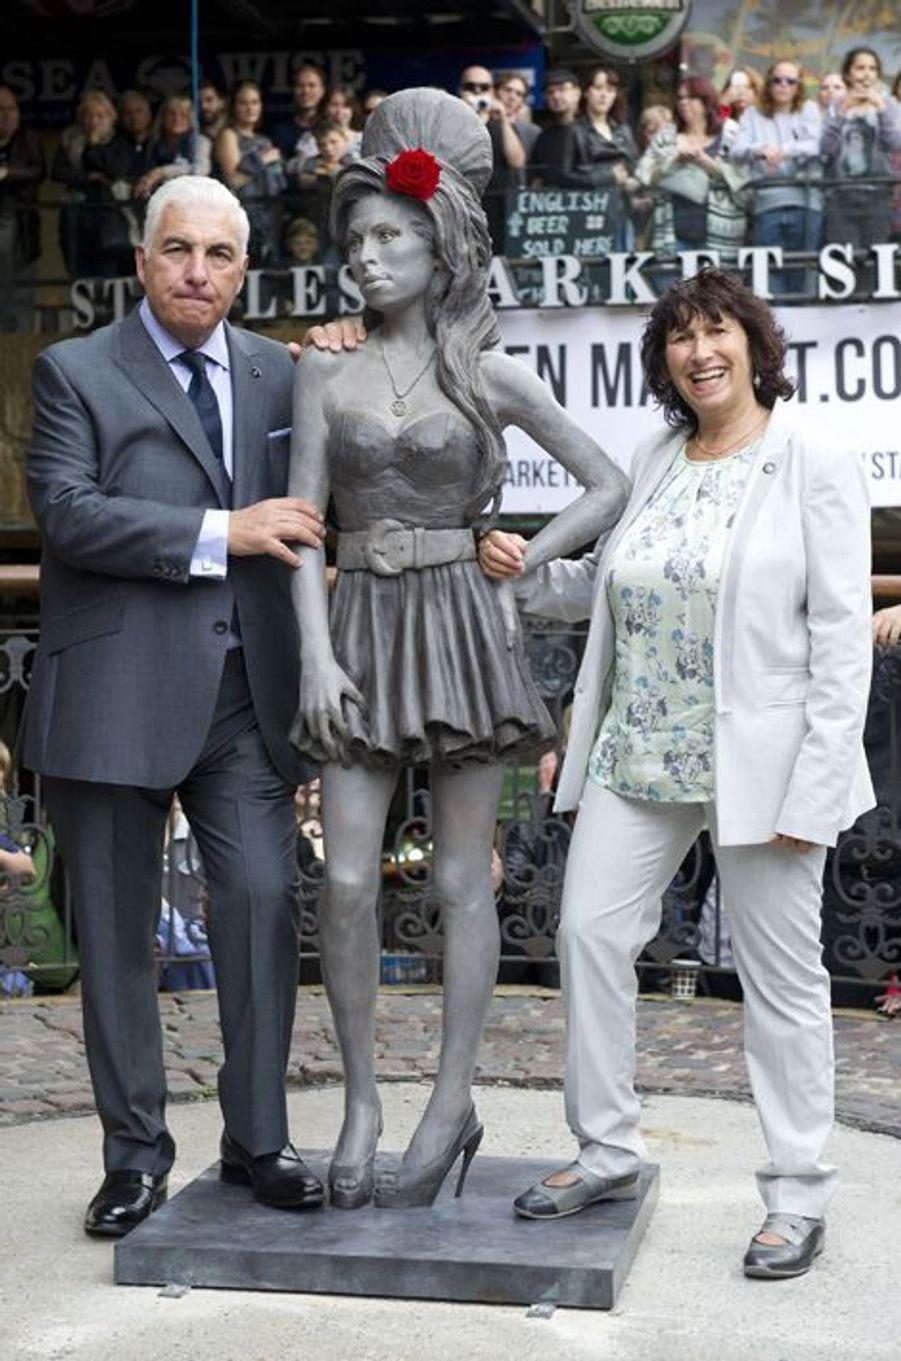 La statue d'Amy Winehouse a été dévoilée en présence de ses parents à Londres le 14 septembre 2014.